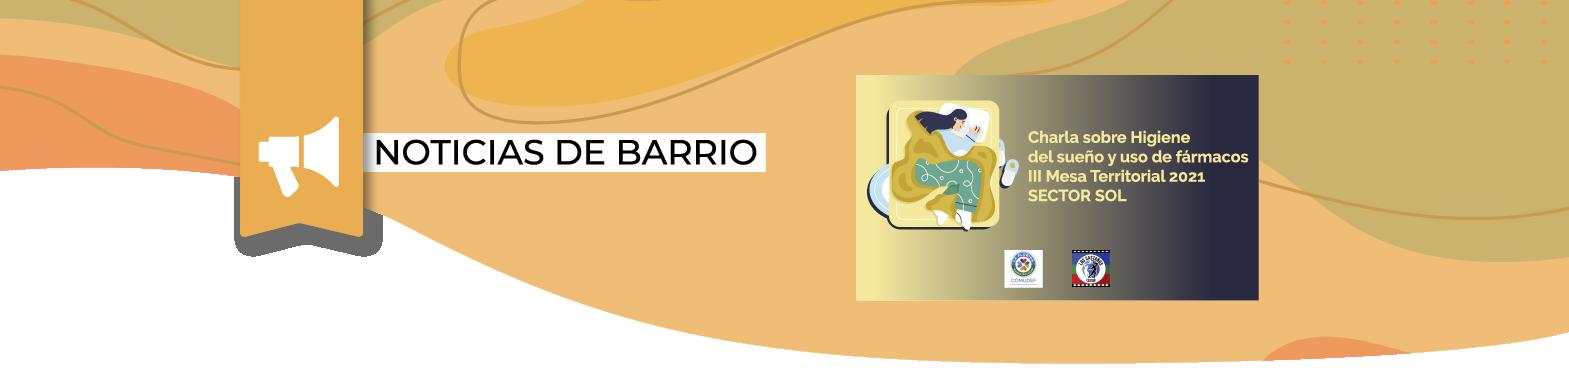 Mesa Territorial Sector SOL Cesfam Los Castaños: una instancia para juntos contribuir a una mejor salud